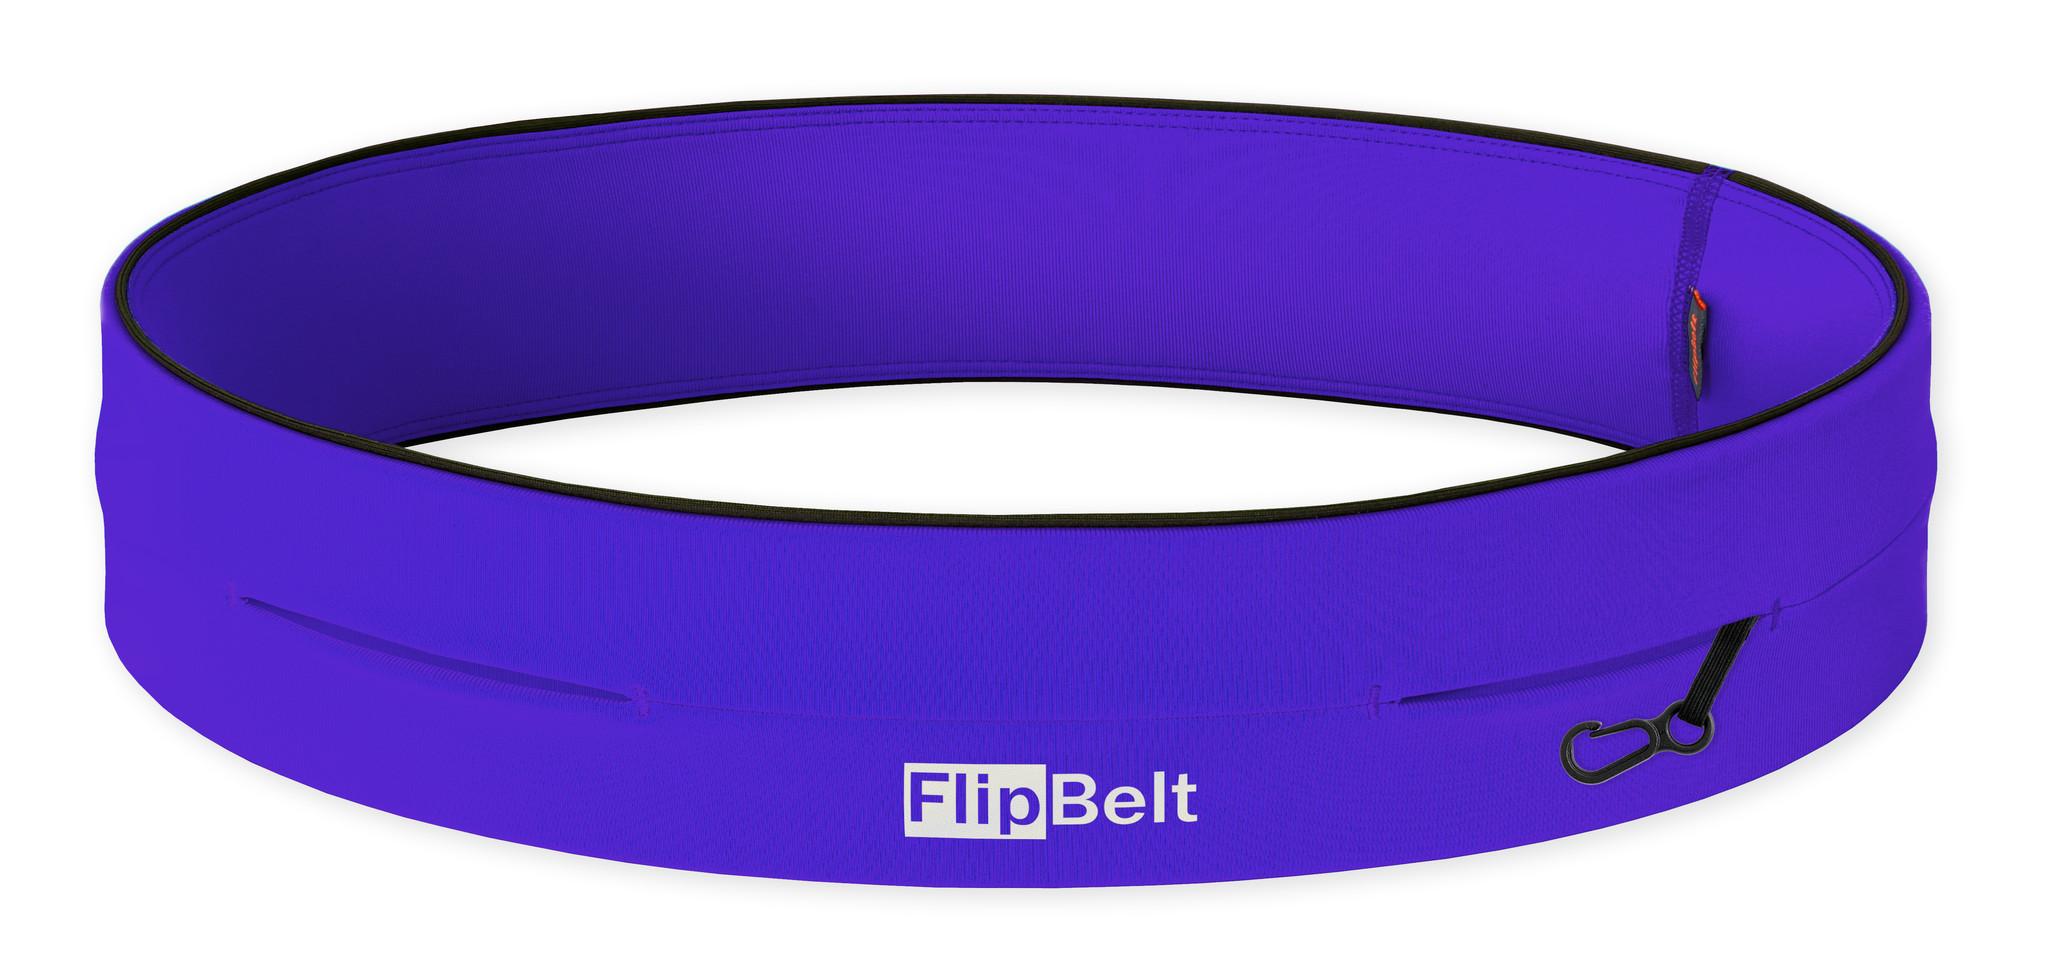 FlipBelt FlipBelt Classic Running Belt